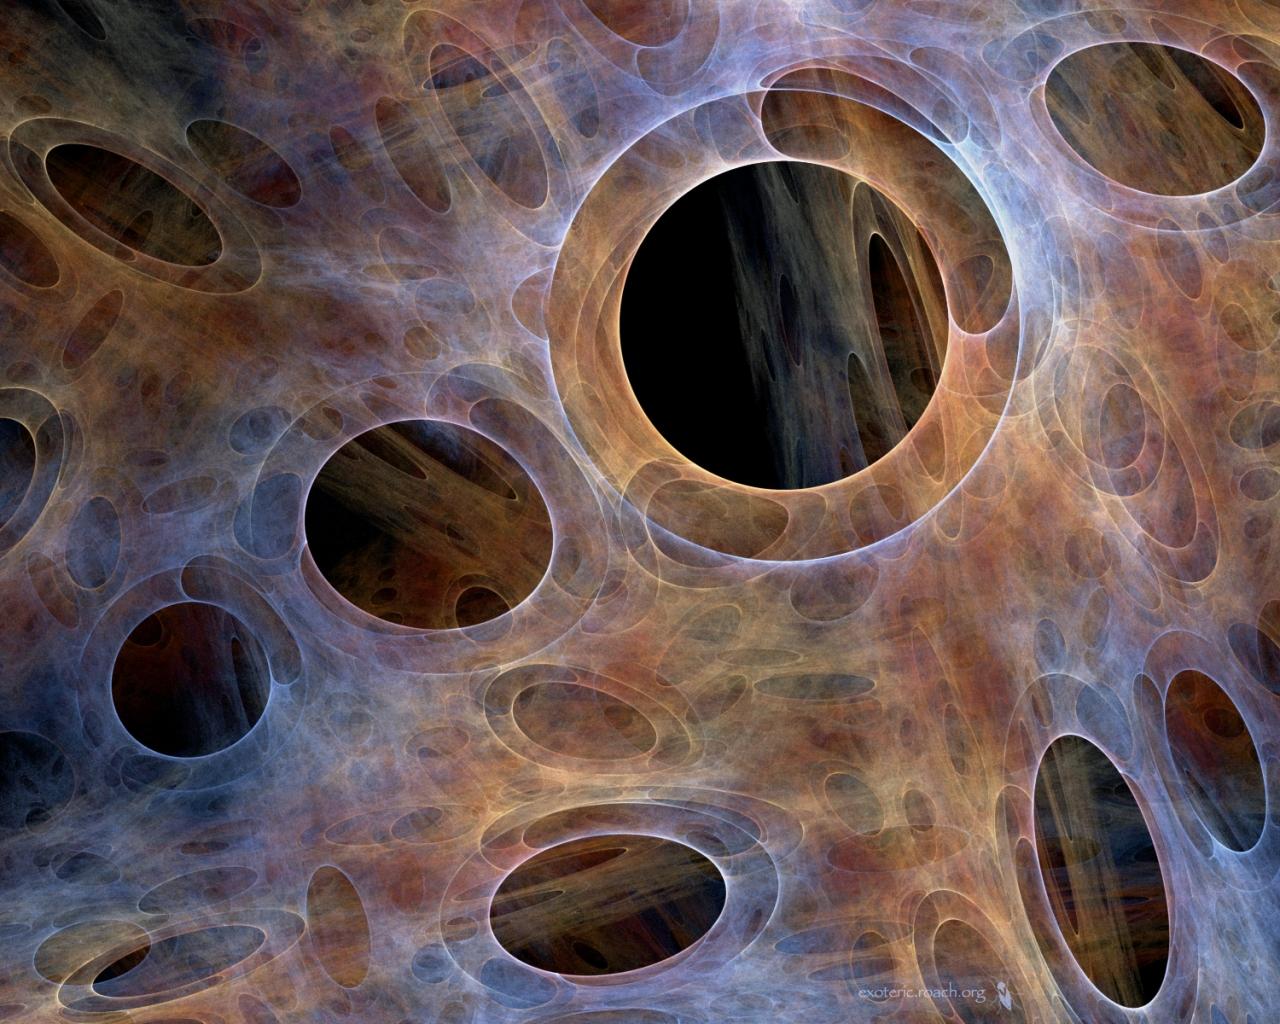 Huecos abstractos - 1280x1024